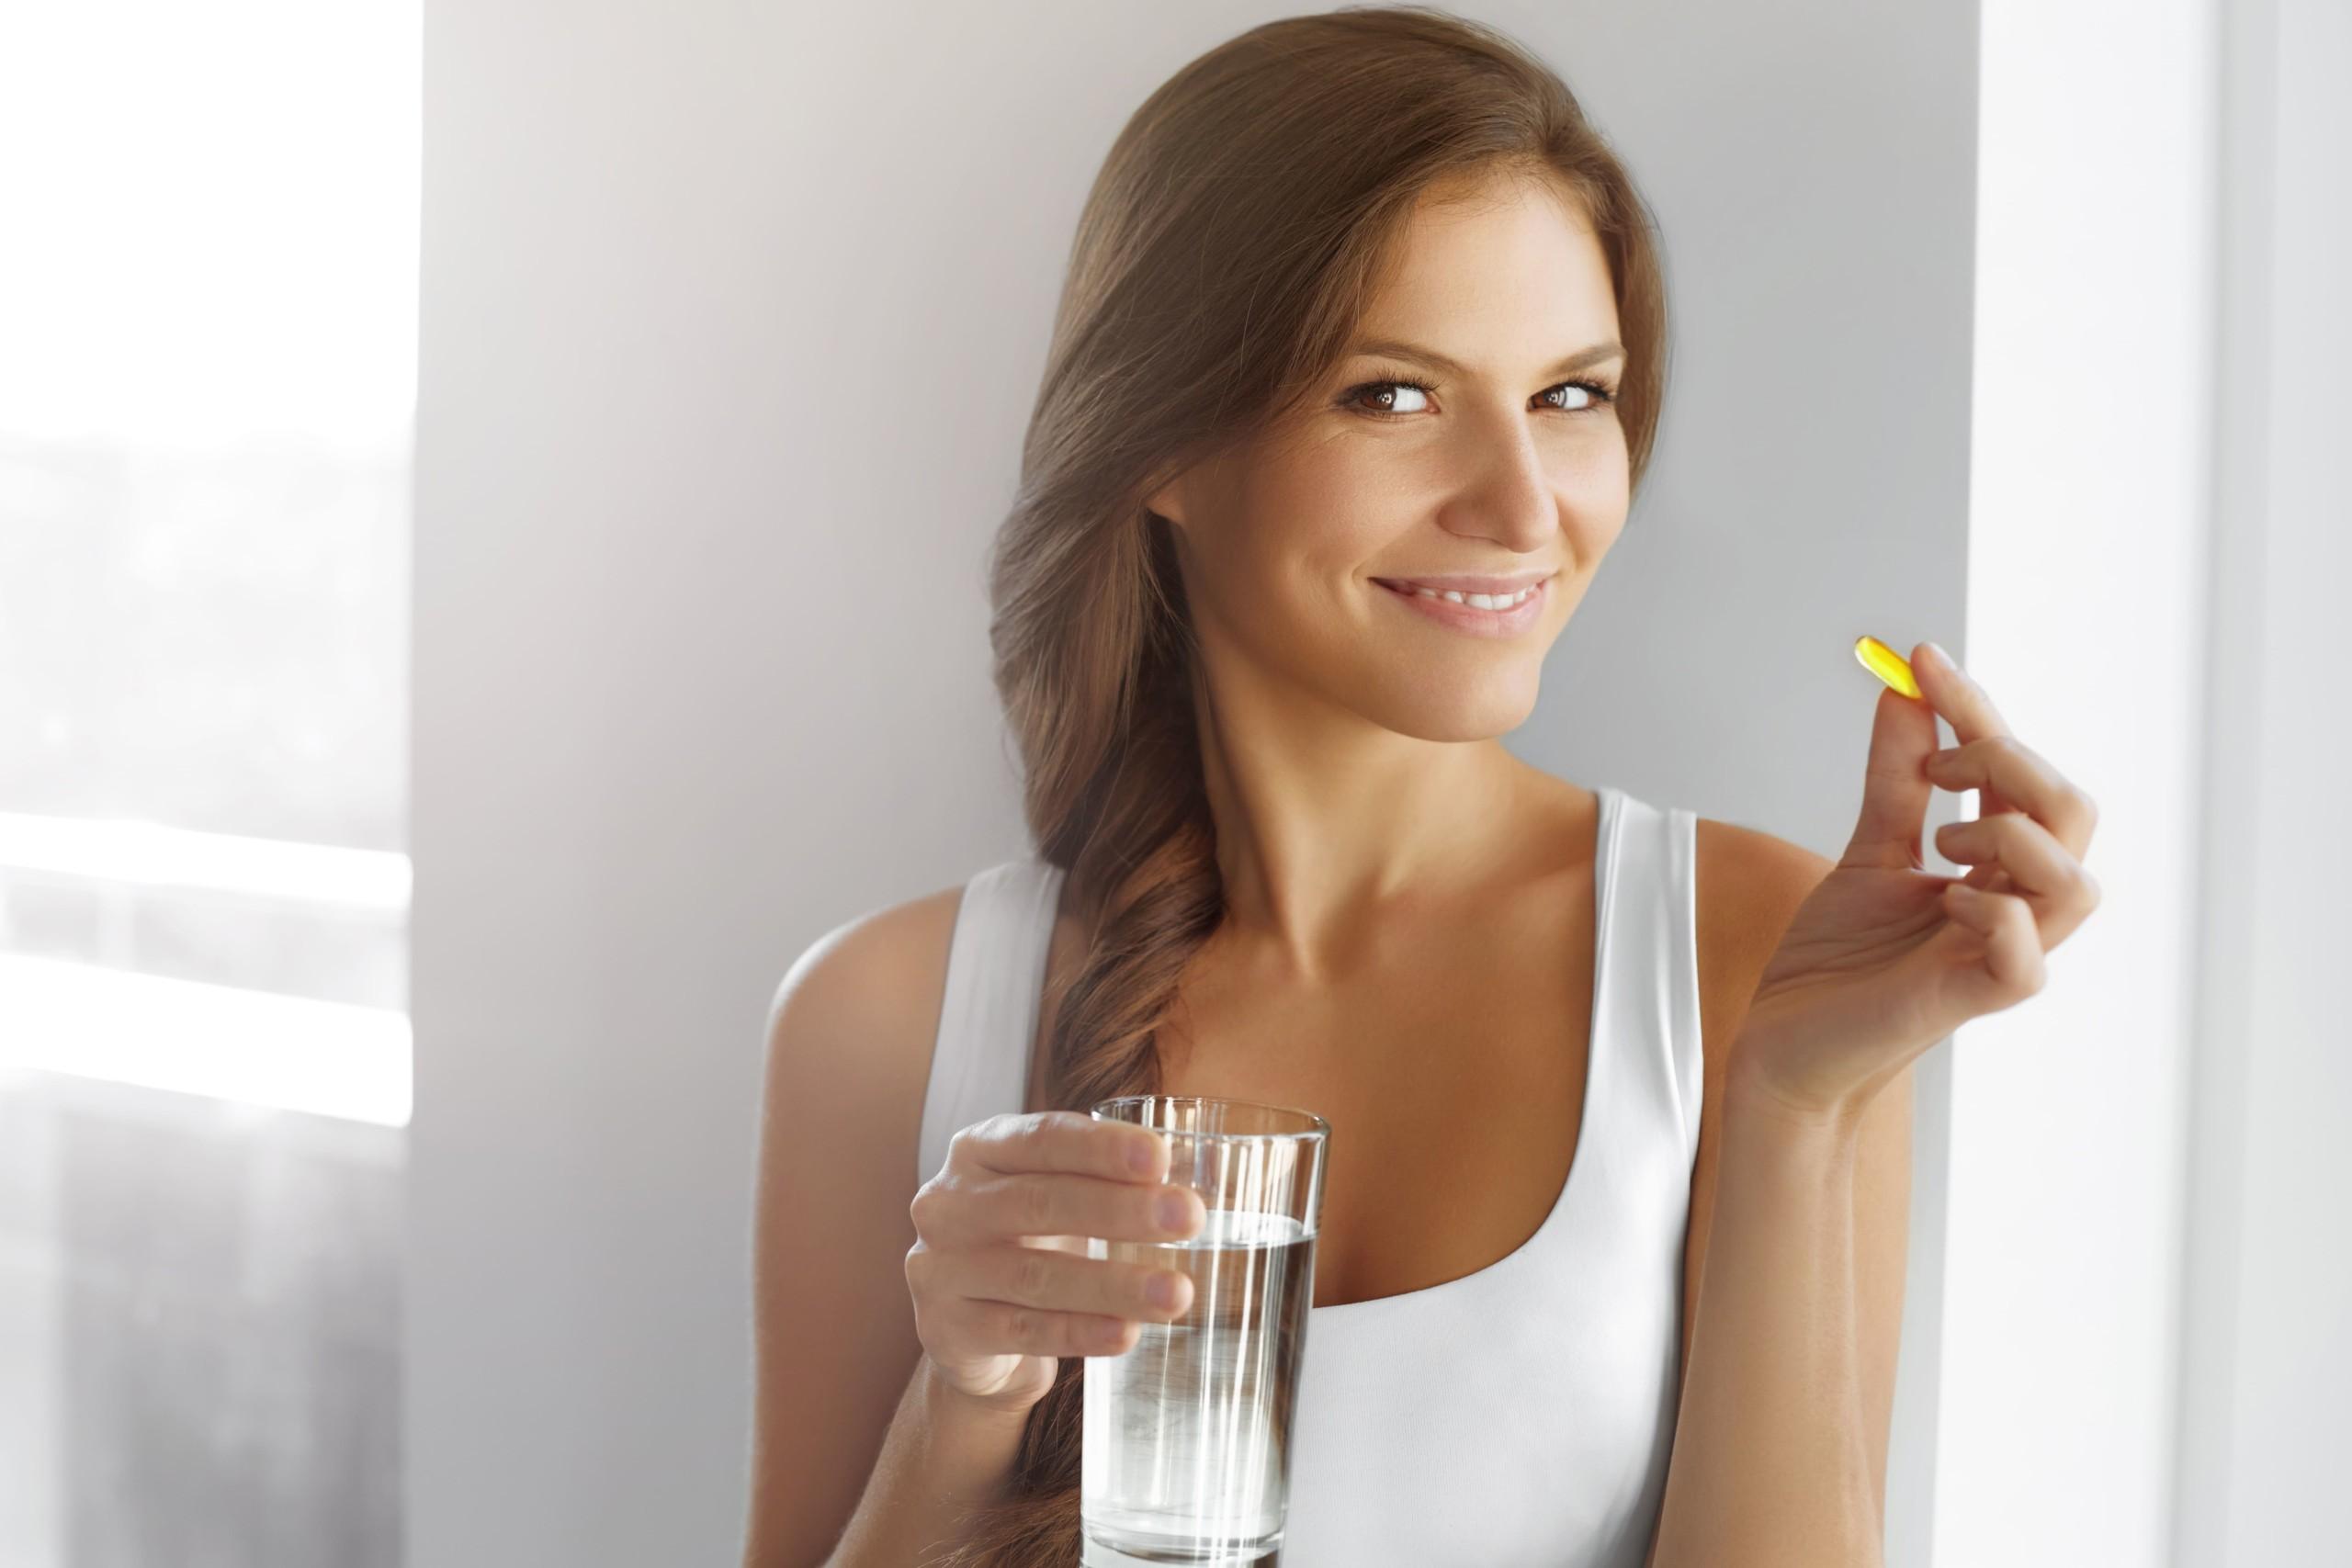 女性がサプリメントを飲む瞬間